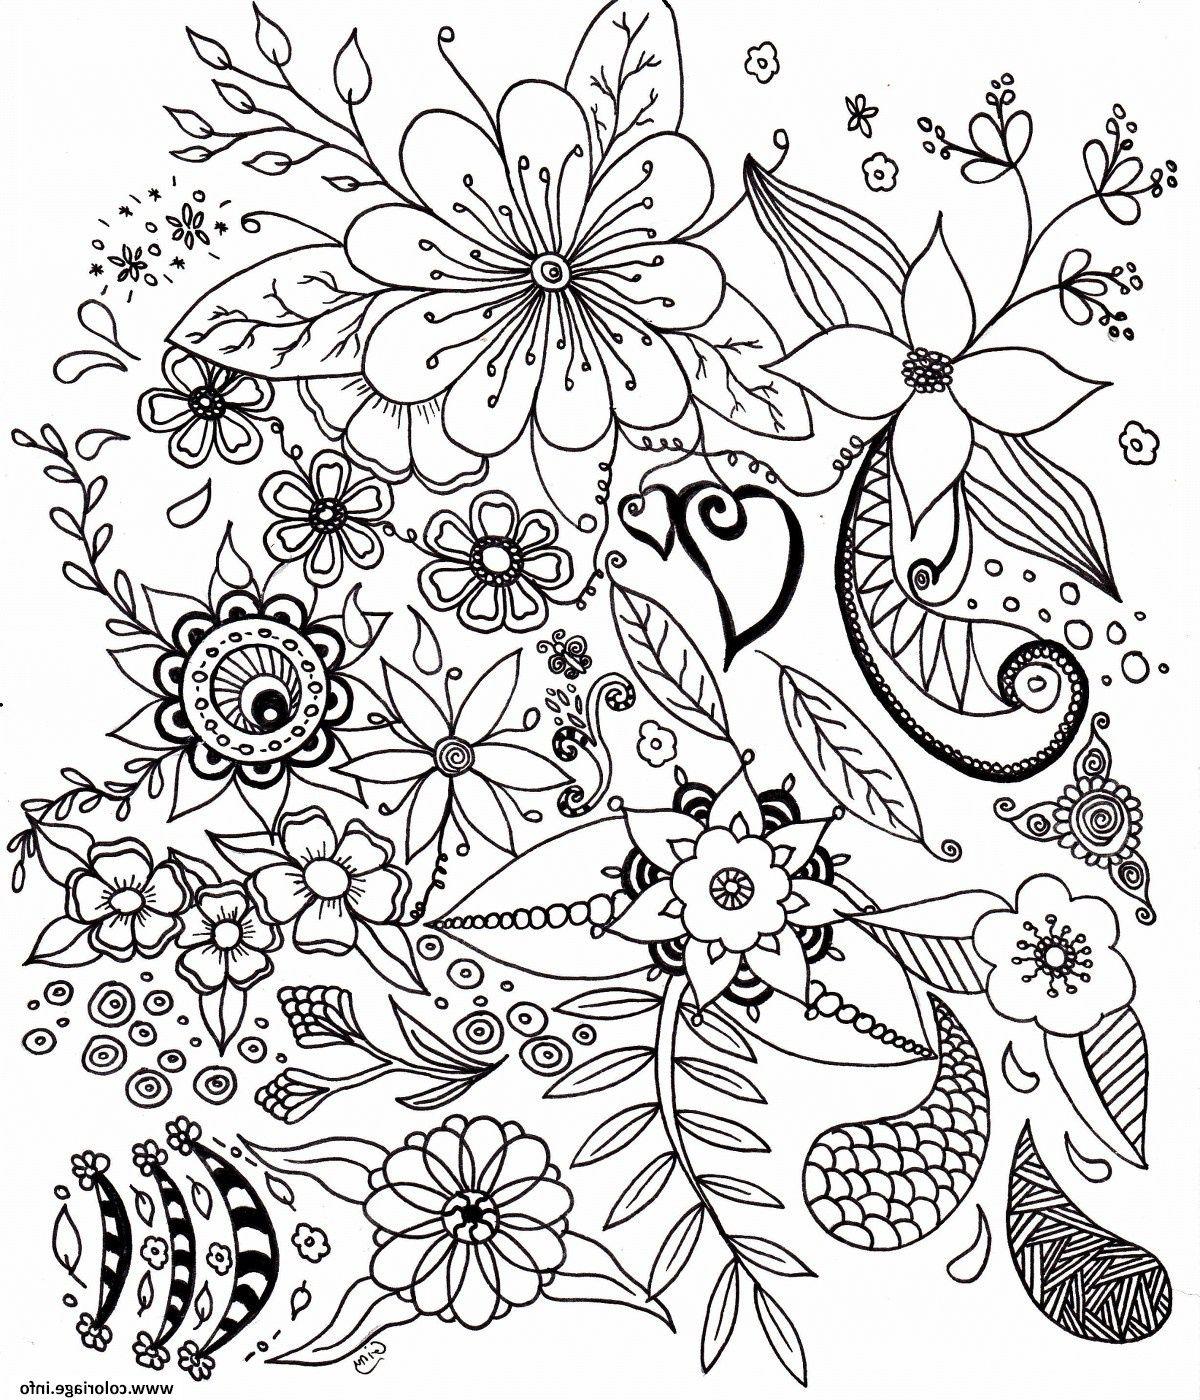 5 Impressionnant De Coloriage Fleur Photographie en 5